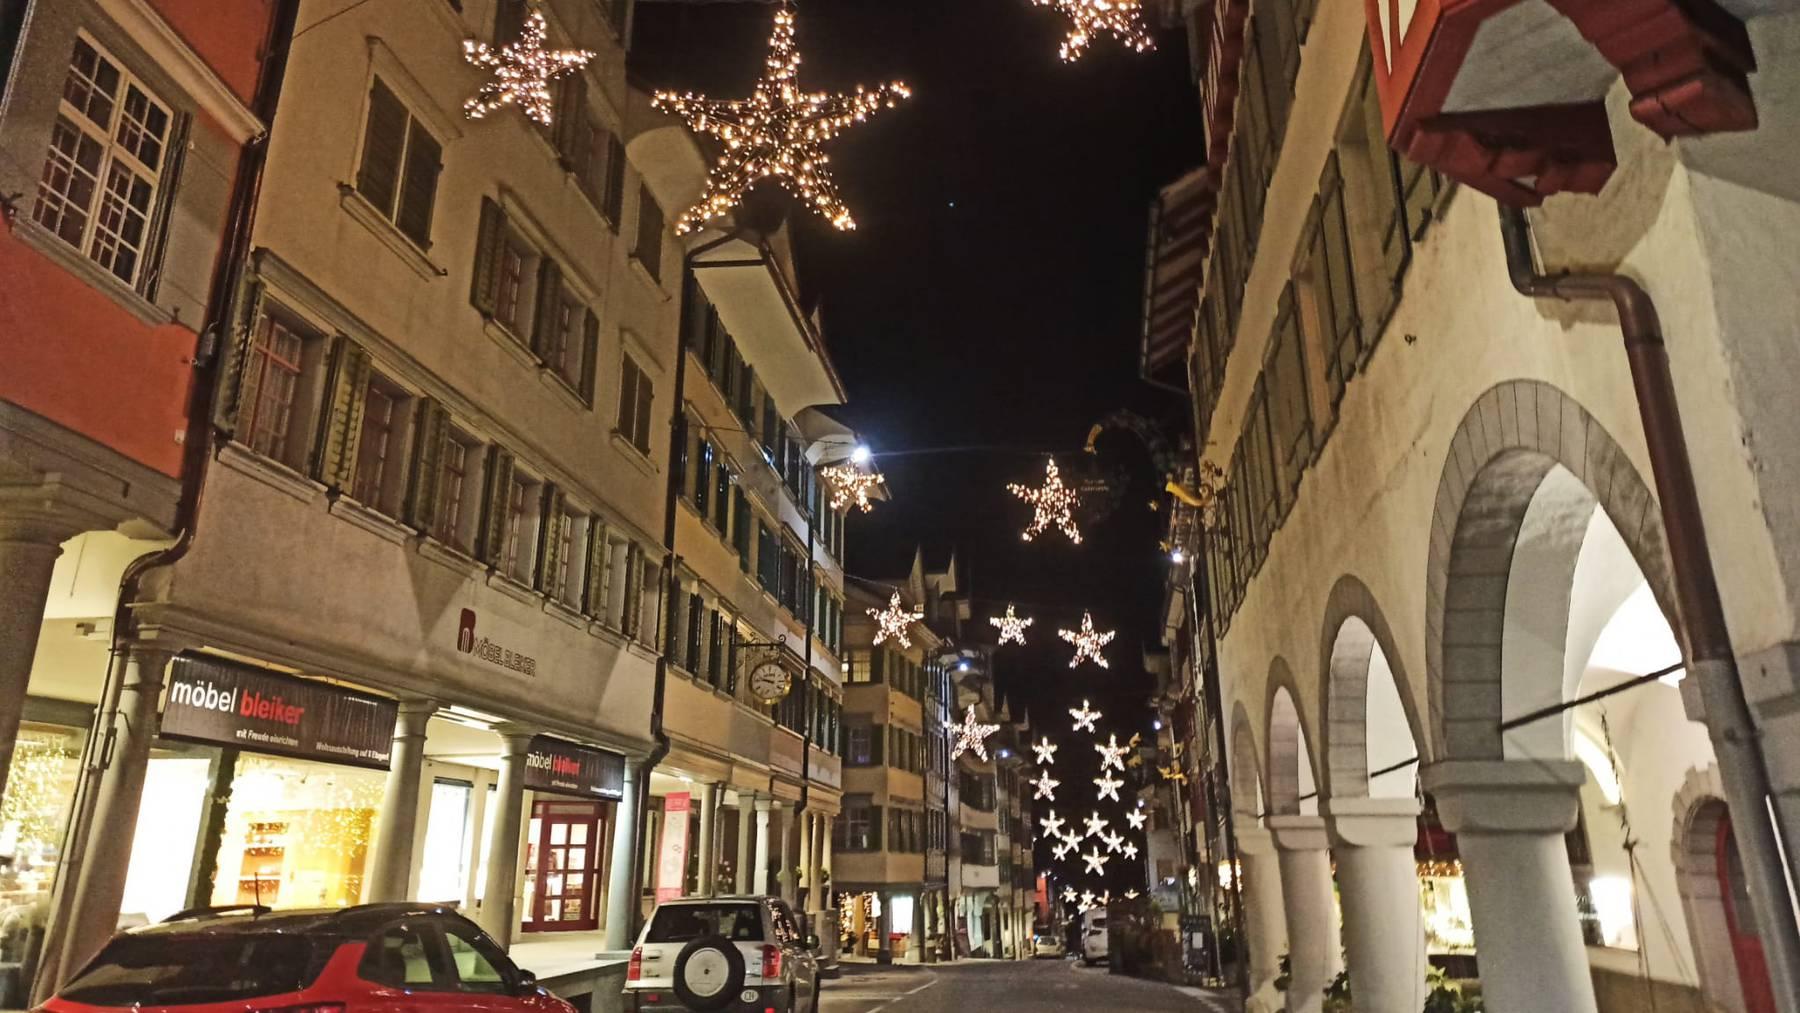 Weihnachten in Lichtensteig